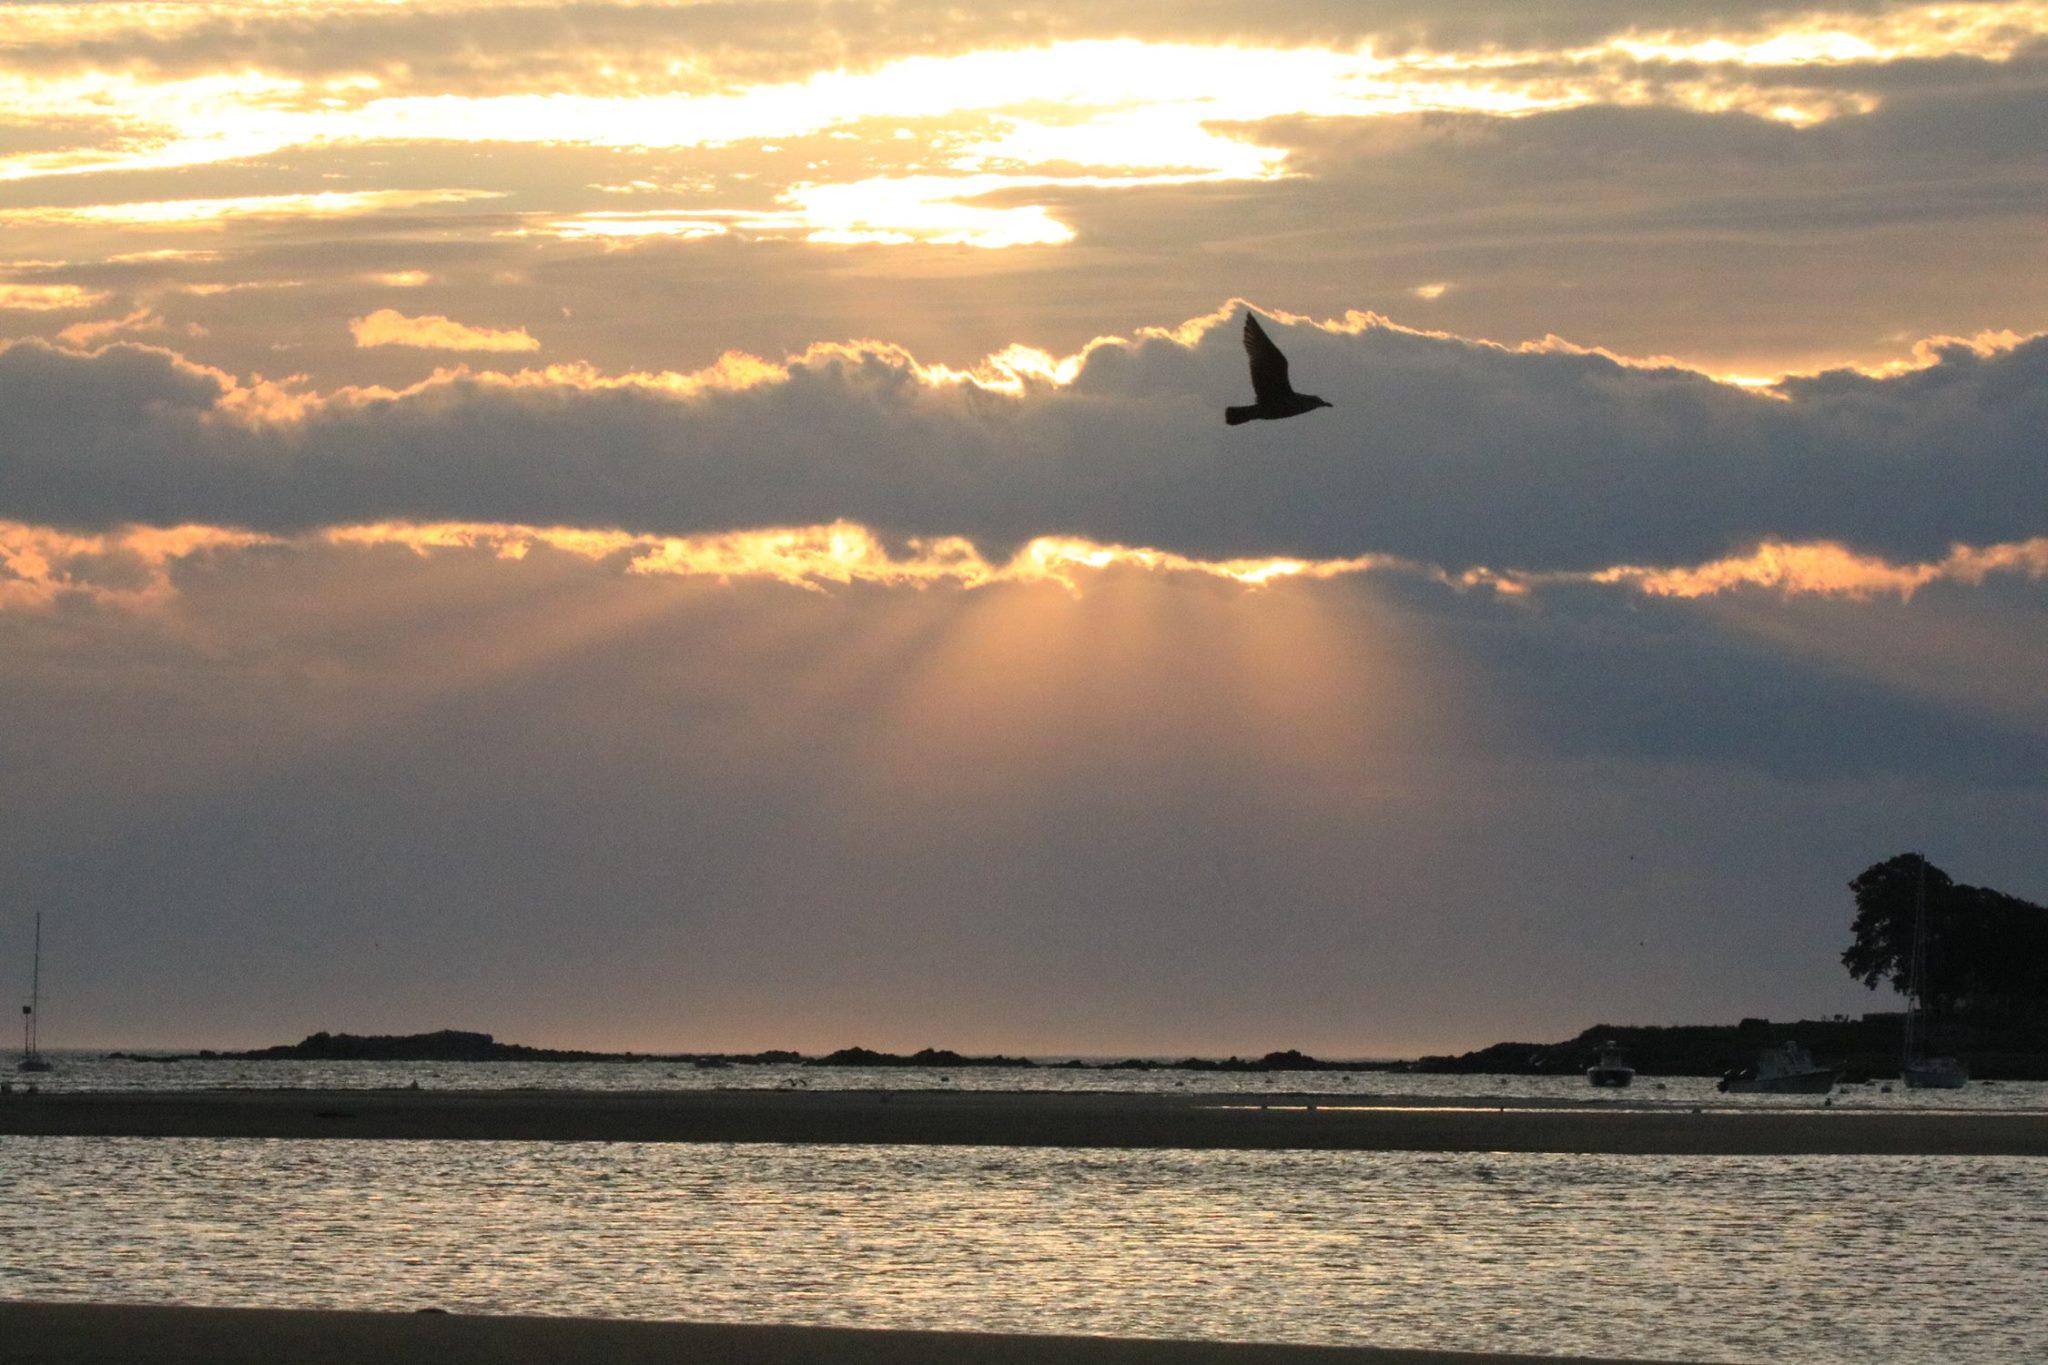 Gull flying through the sunrise